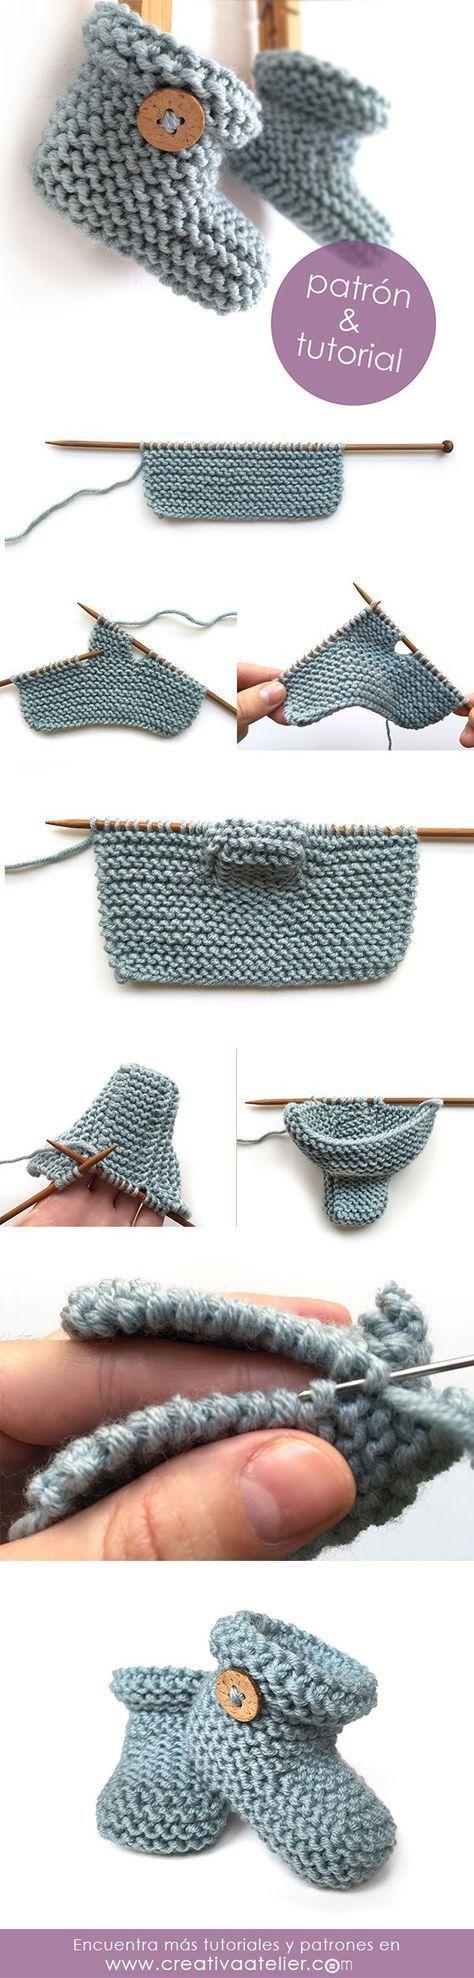 Patucos de punto sencillos - Tutorial y patrón -  Simple Knitted Baby booties - Pattern and tutorial